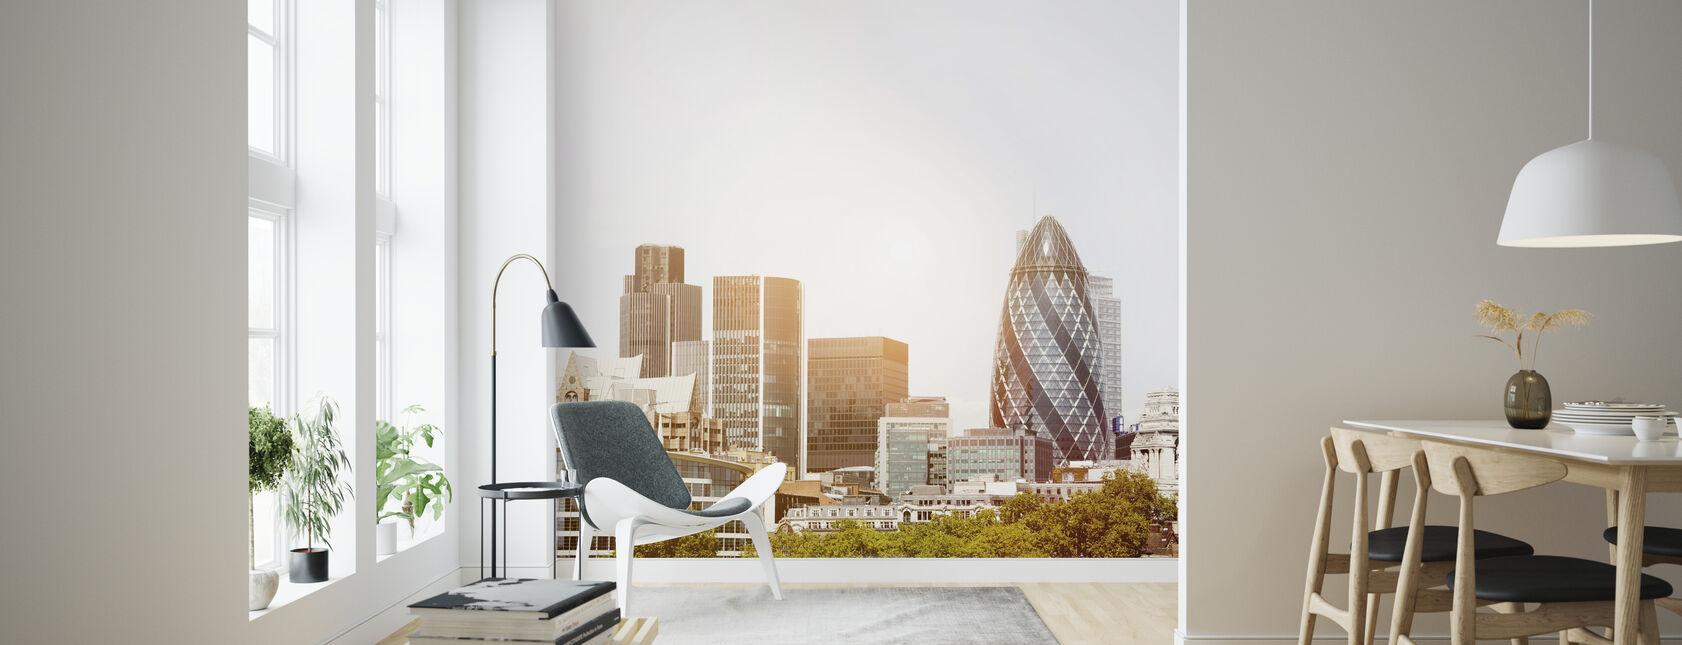 London Skyline at Daybreak - Wallpaper - Living Room